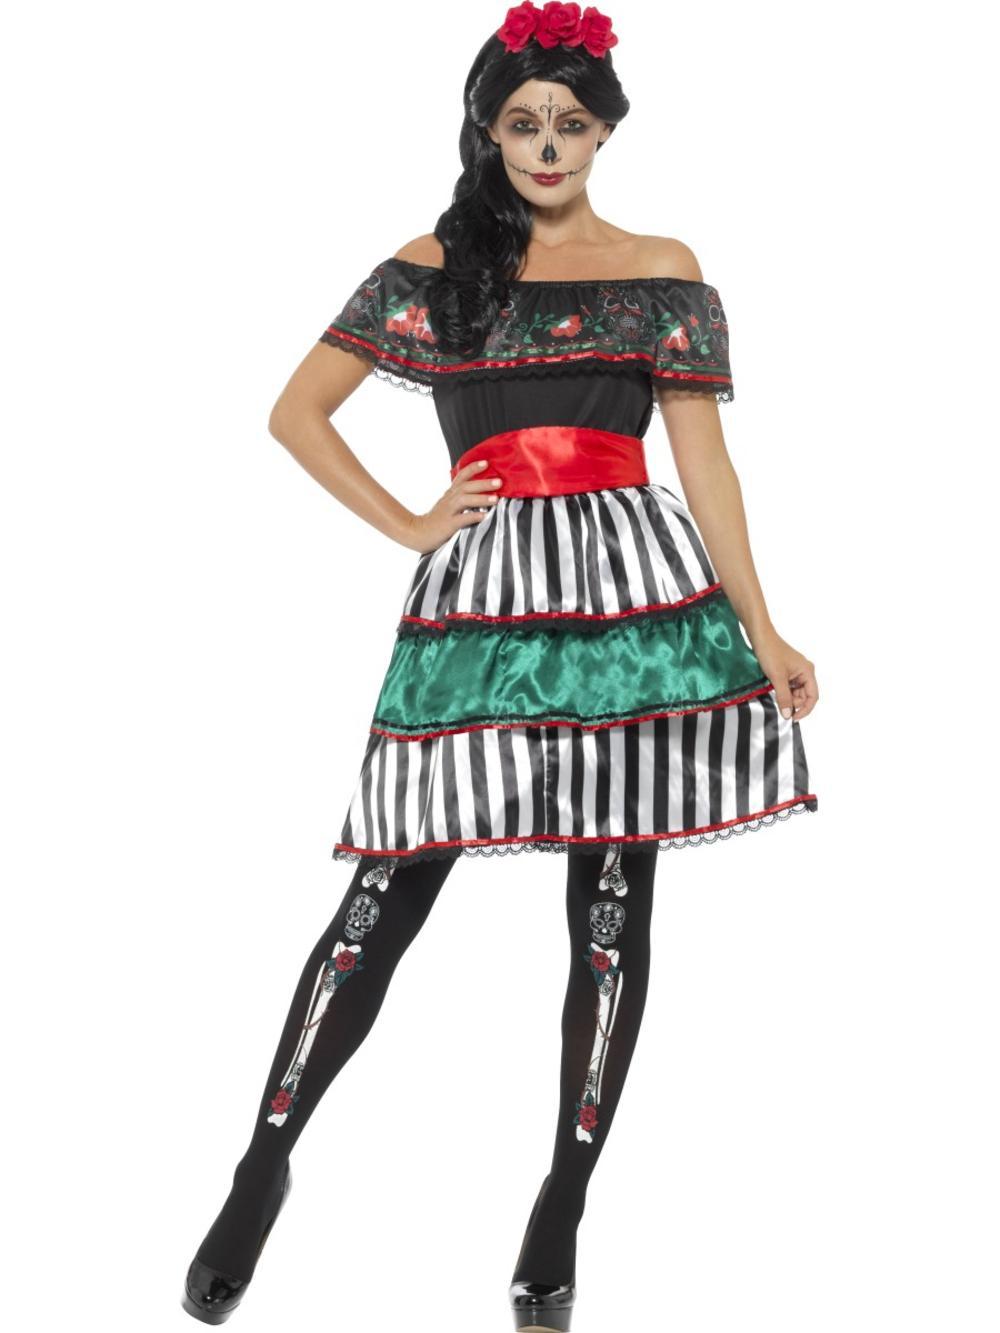 Day of the Dead Senorita Doll ladies Fancy Dress Halloween Adults Womens Costume